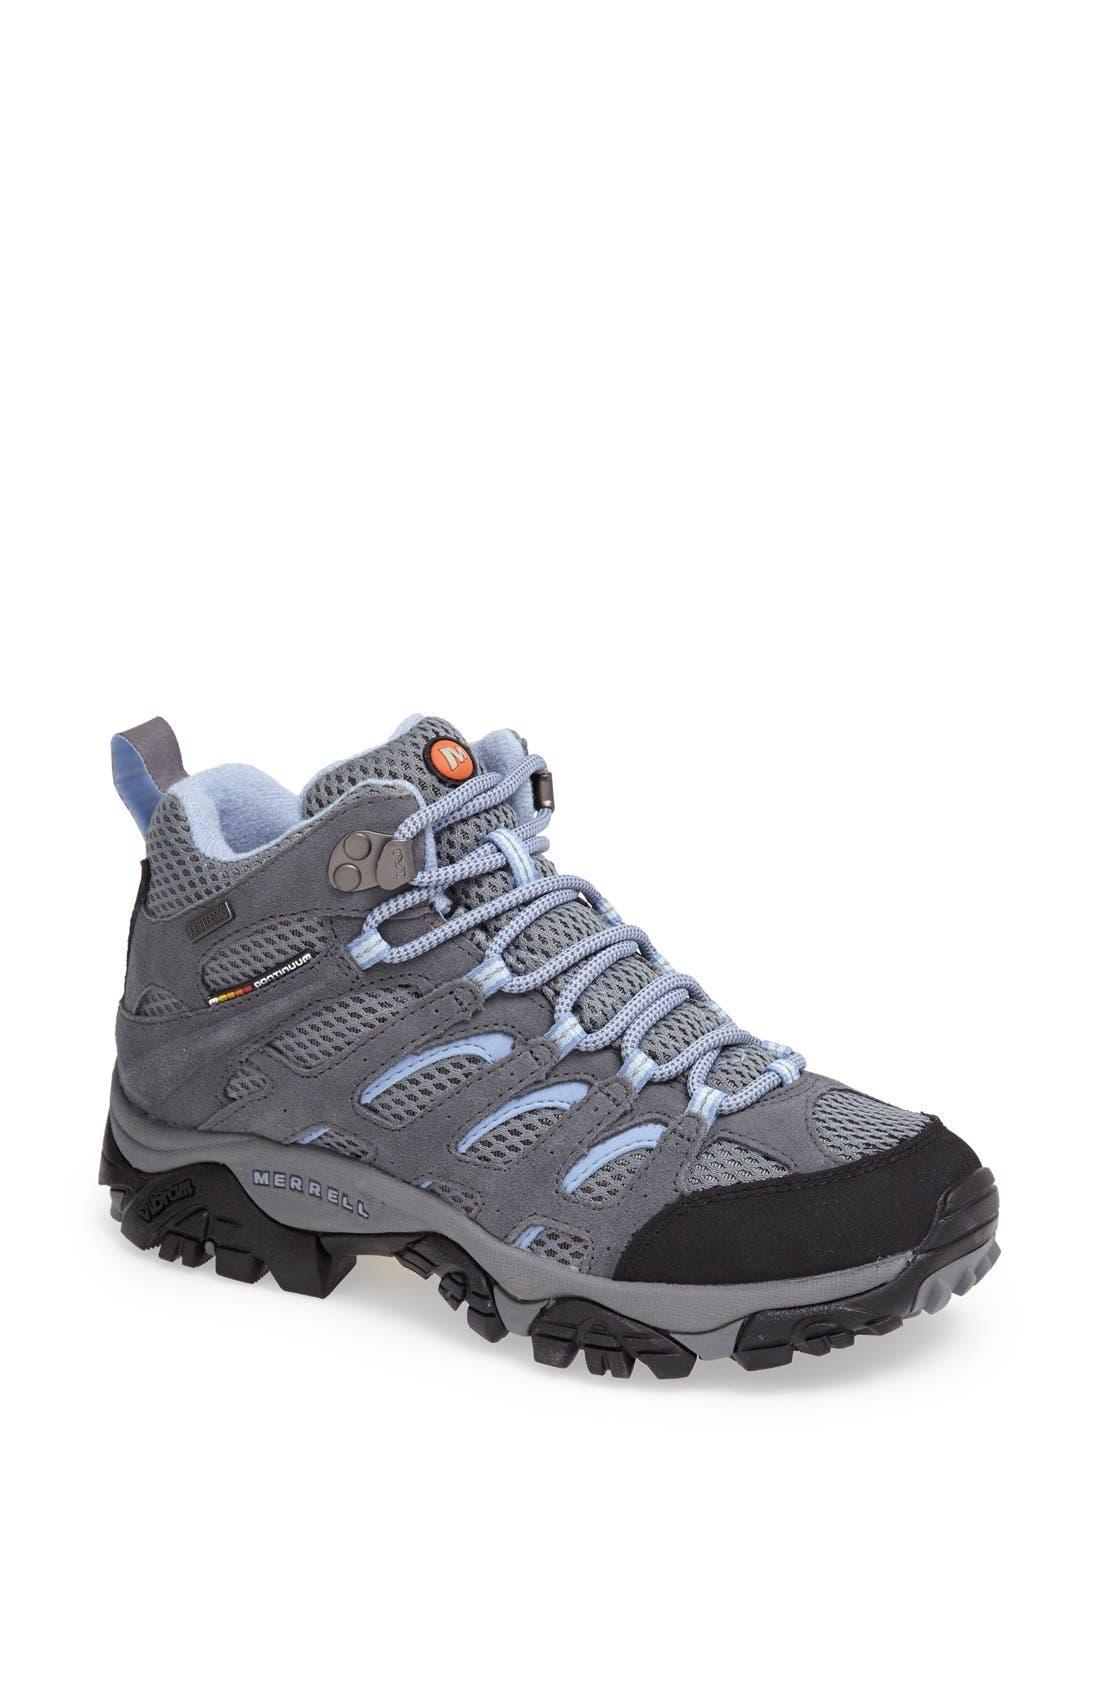 'Moab - Mid' Waterproof Hiking Boot,                             Main thumbnail 1, color,                             020